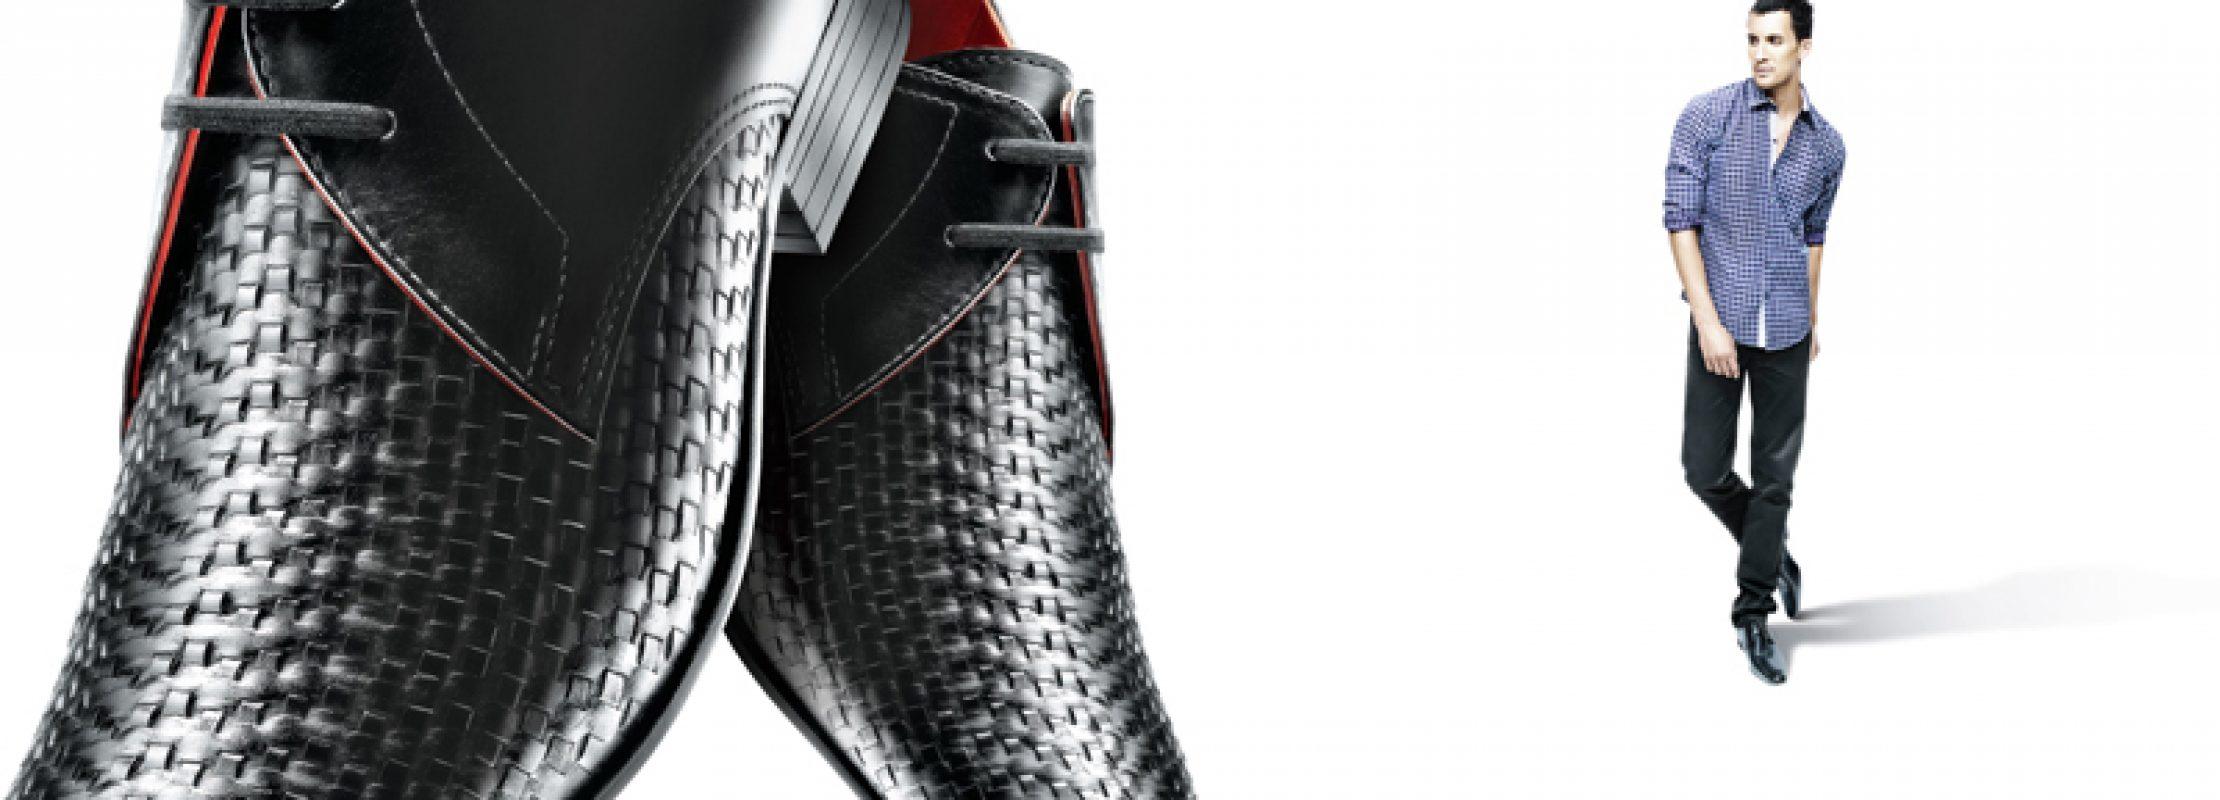 Lazio: Scarpe Abbigliamento Usato Calzature